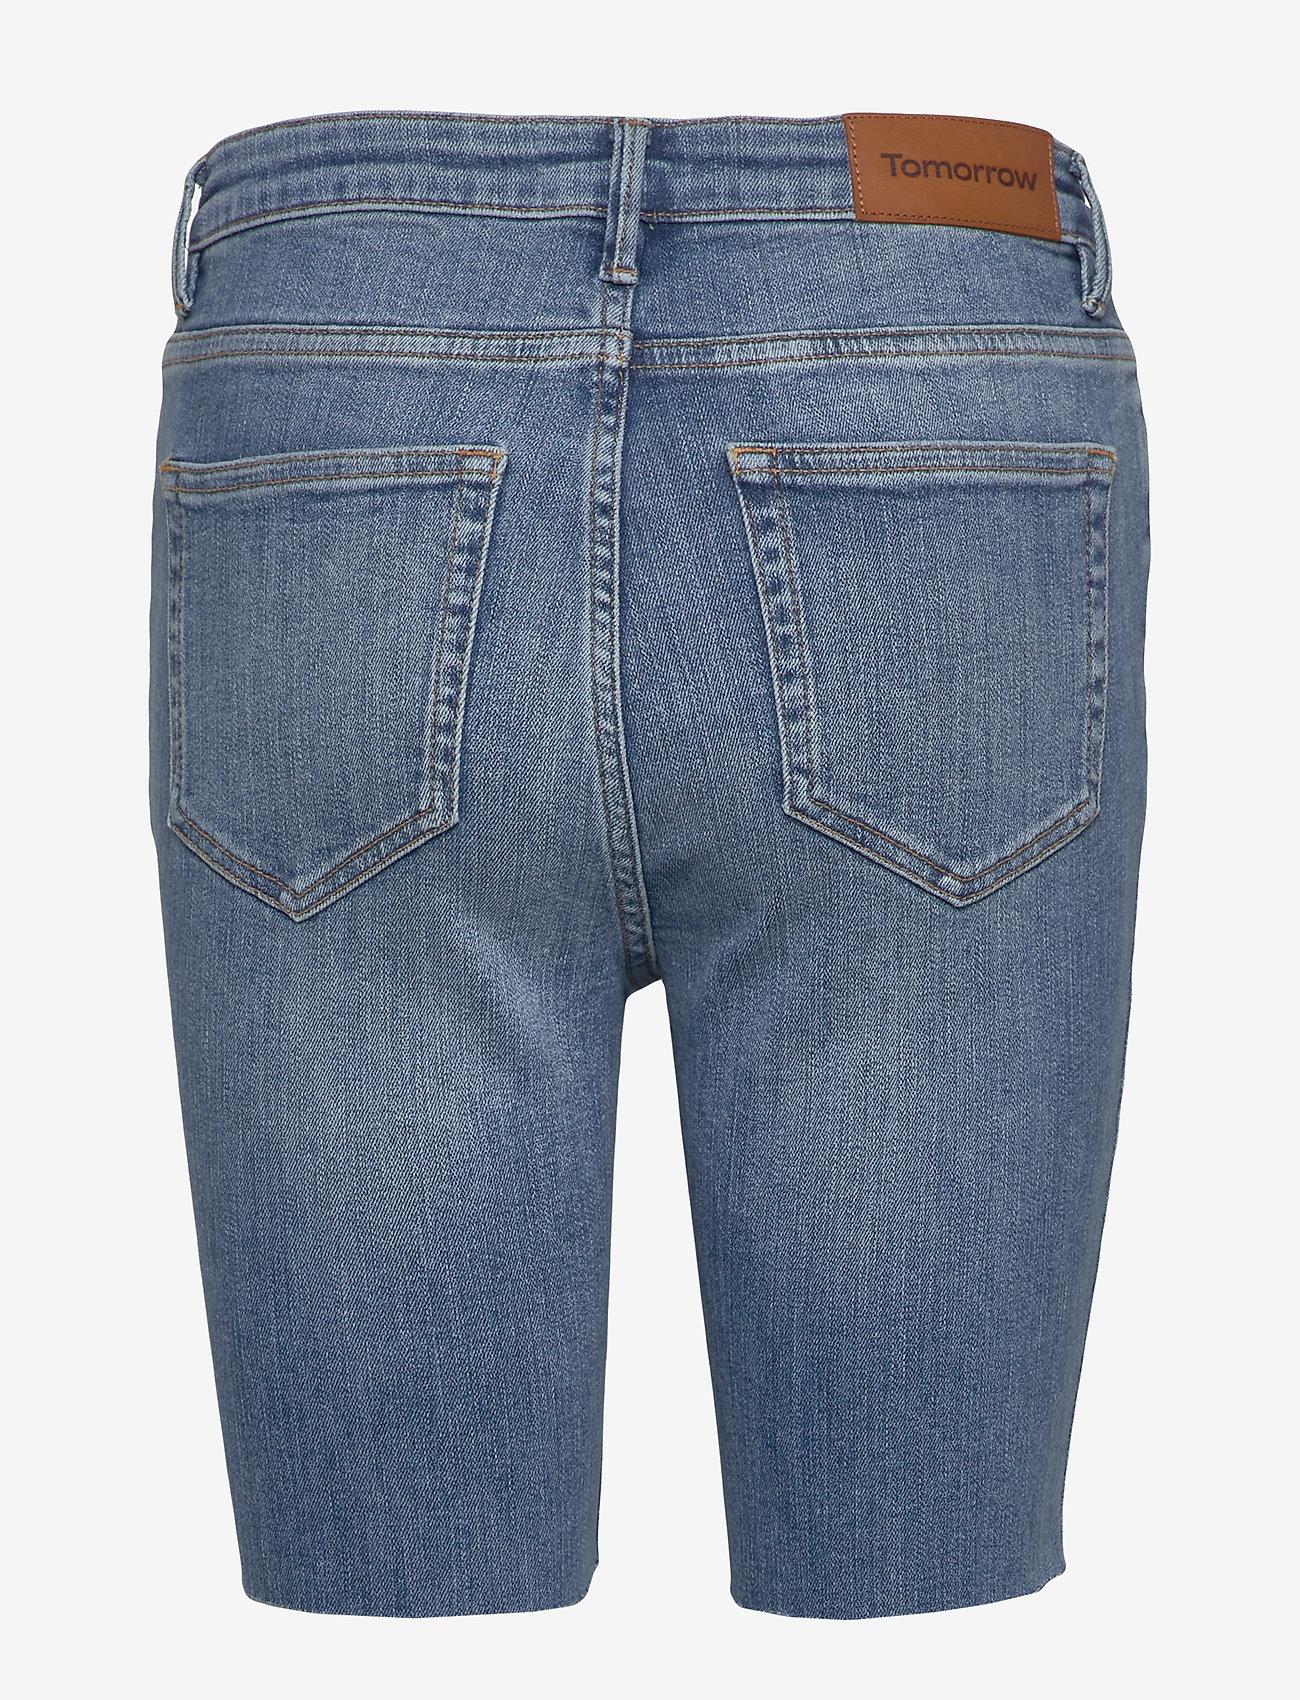 Tomorrow - Bowie HW shorts wash bright Sintra - jeansshorts - denim blue - 1